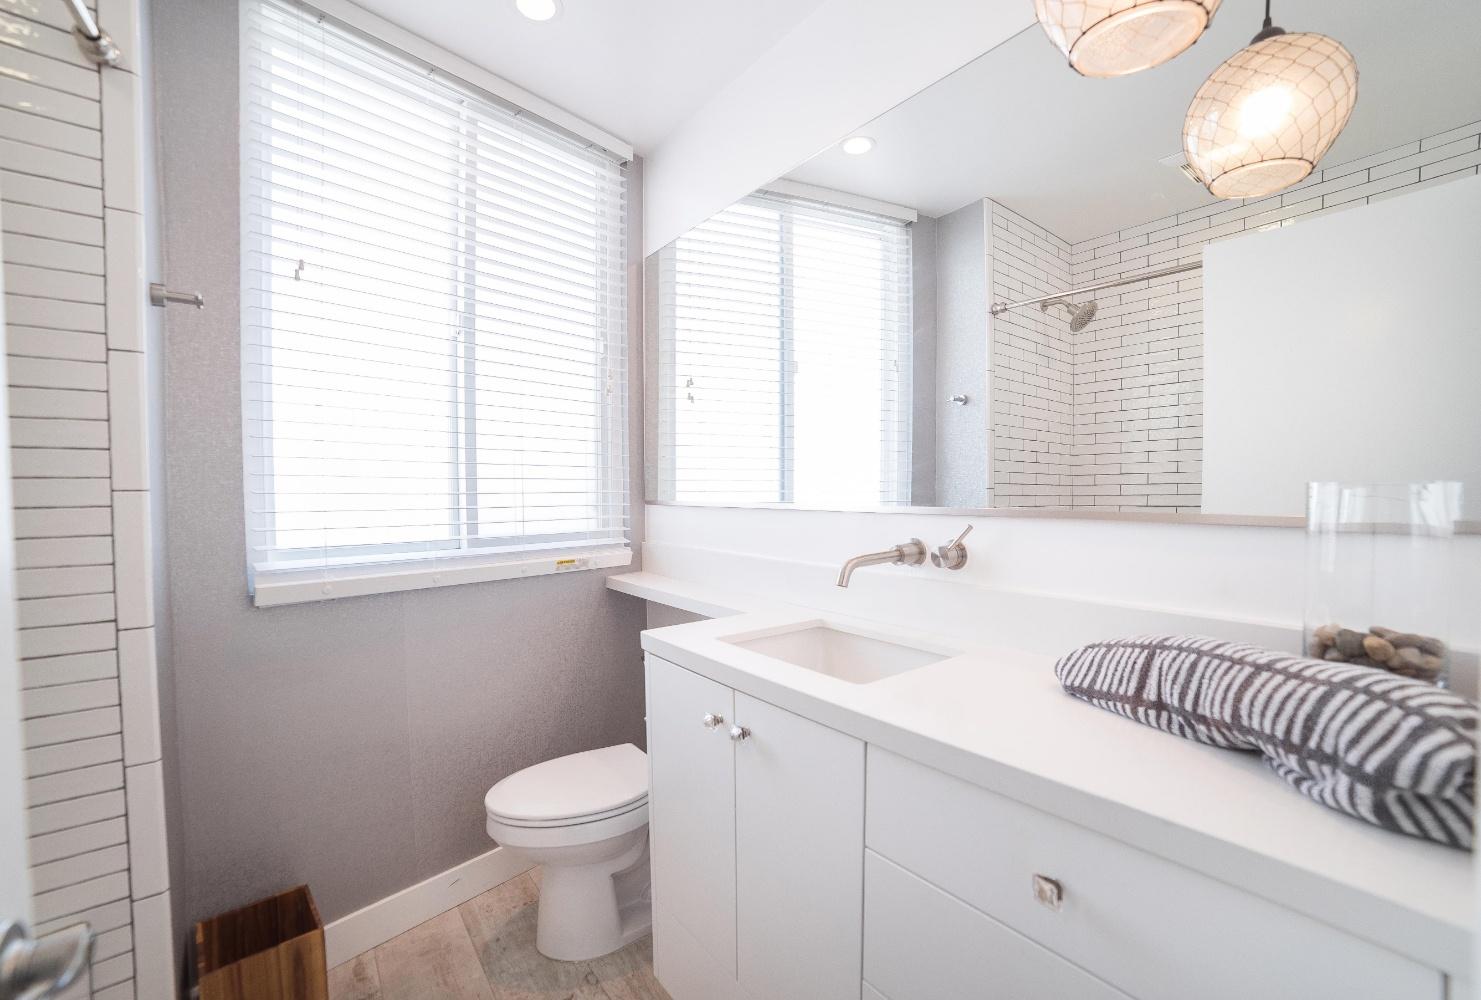 Hermosa Beach Apartment Toilet